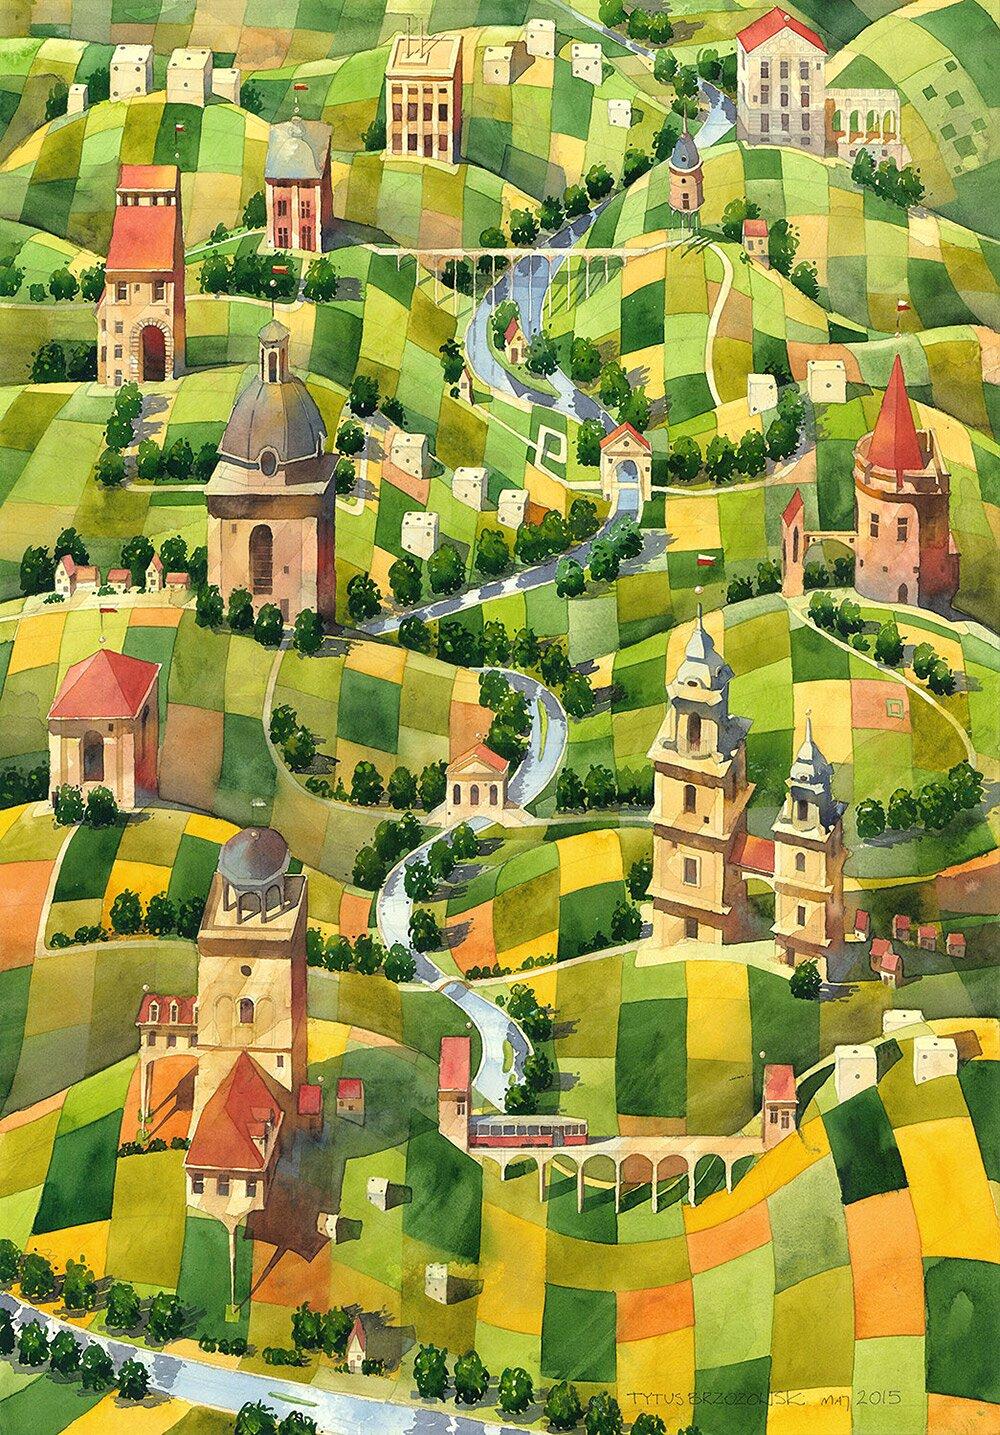 acquerelli-surreali-architettura-varsavia-tytus-brzozowski-5